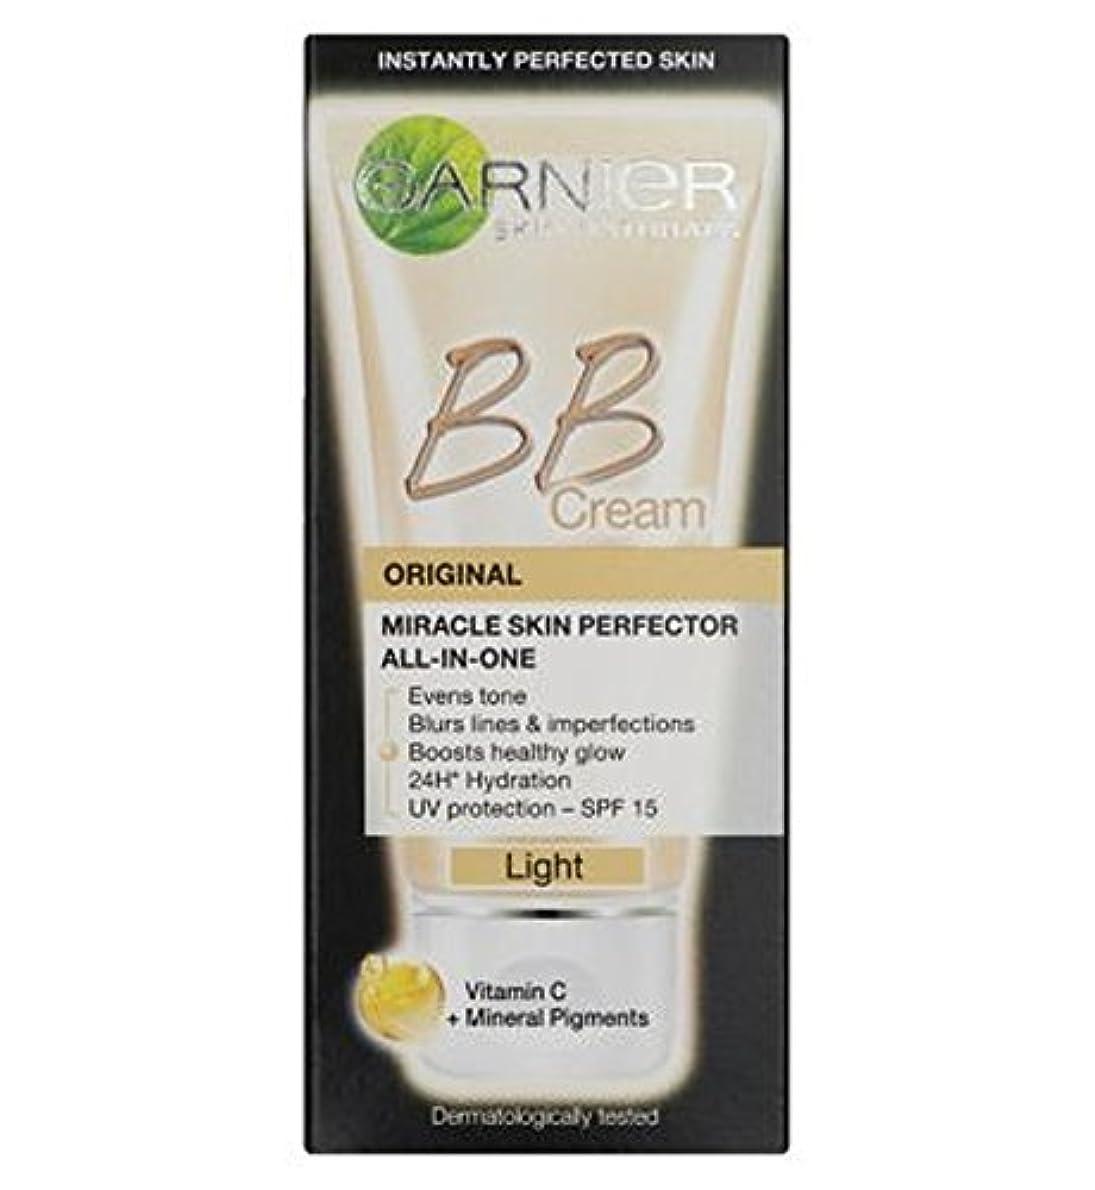 出撃者危険なぞっとするようなGarnier Skin Perfector Daily All-In-One B.B. Blemish Balm Cream Light 50ml - 毎日オールインワンB.B.ガルニエスキンパーフェク傷バームクリームライト50ミリリットル (Garnier) [並行輸入品]